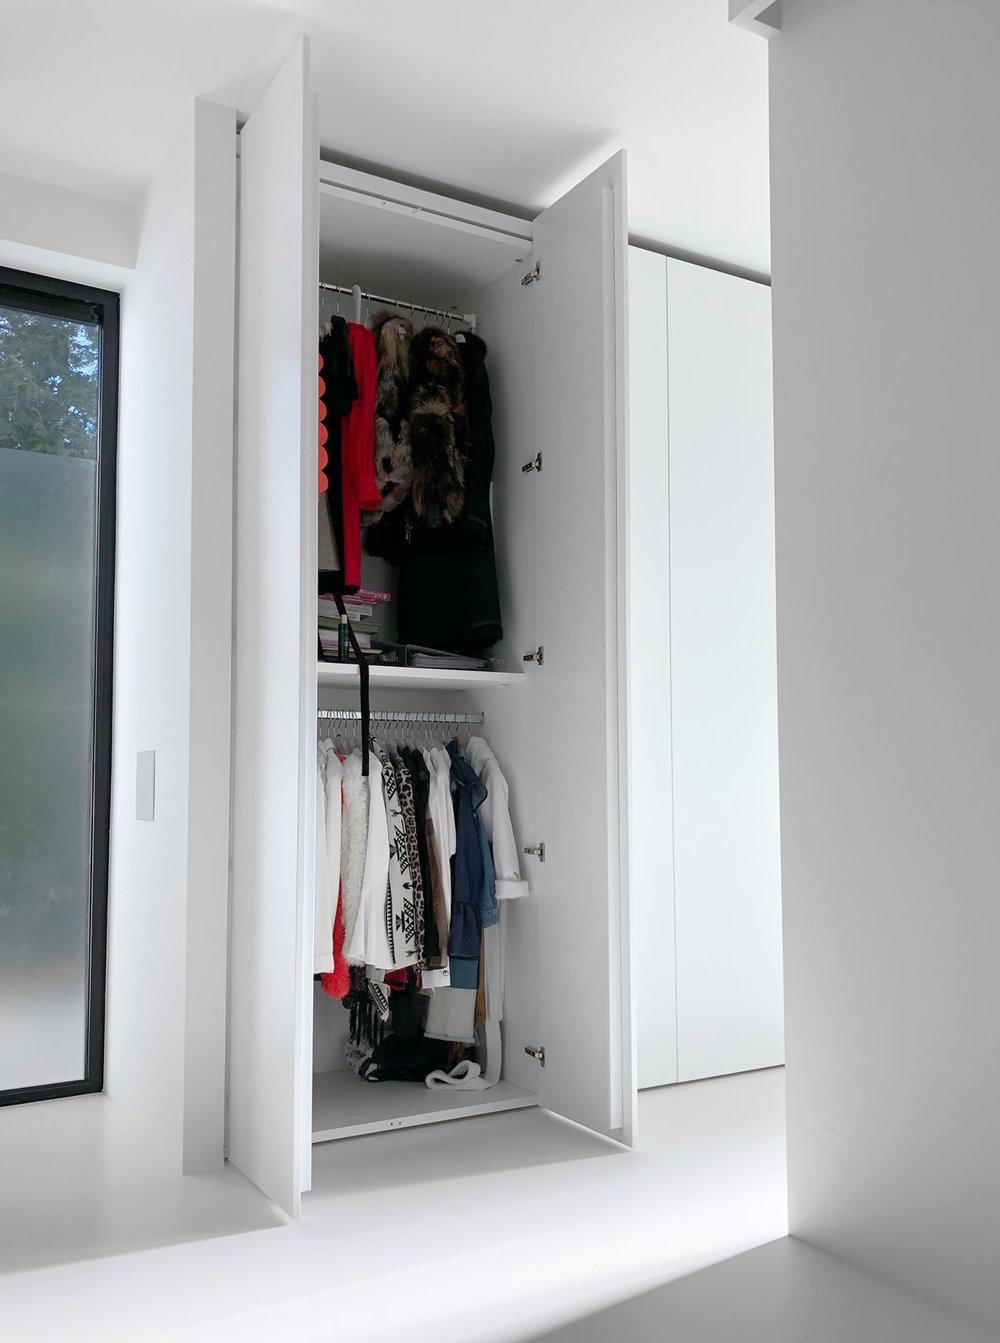 Afbeelding van een kledingkast met een design kledinglift ingeklapt.